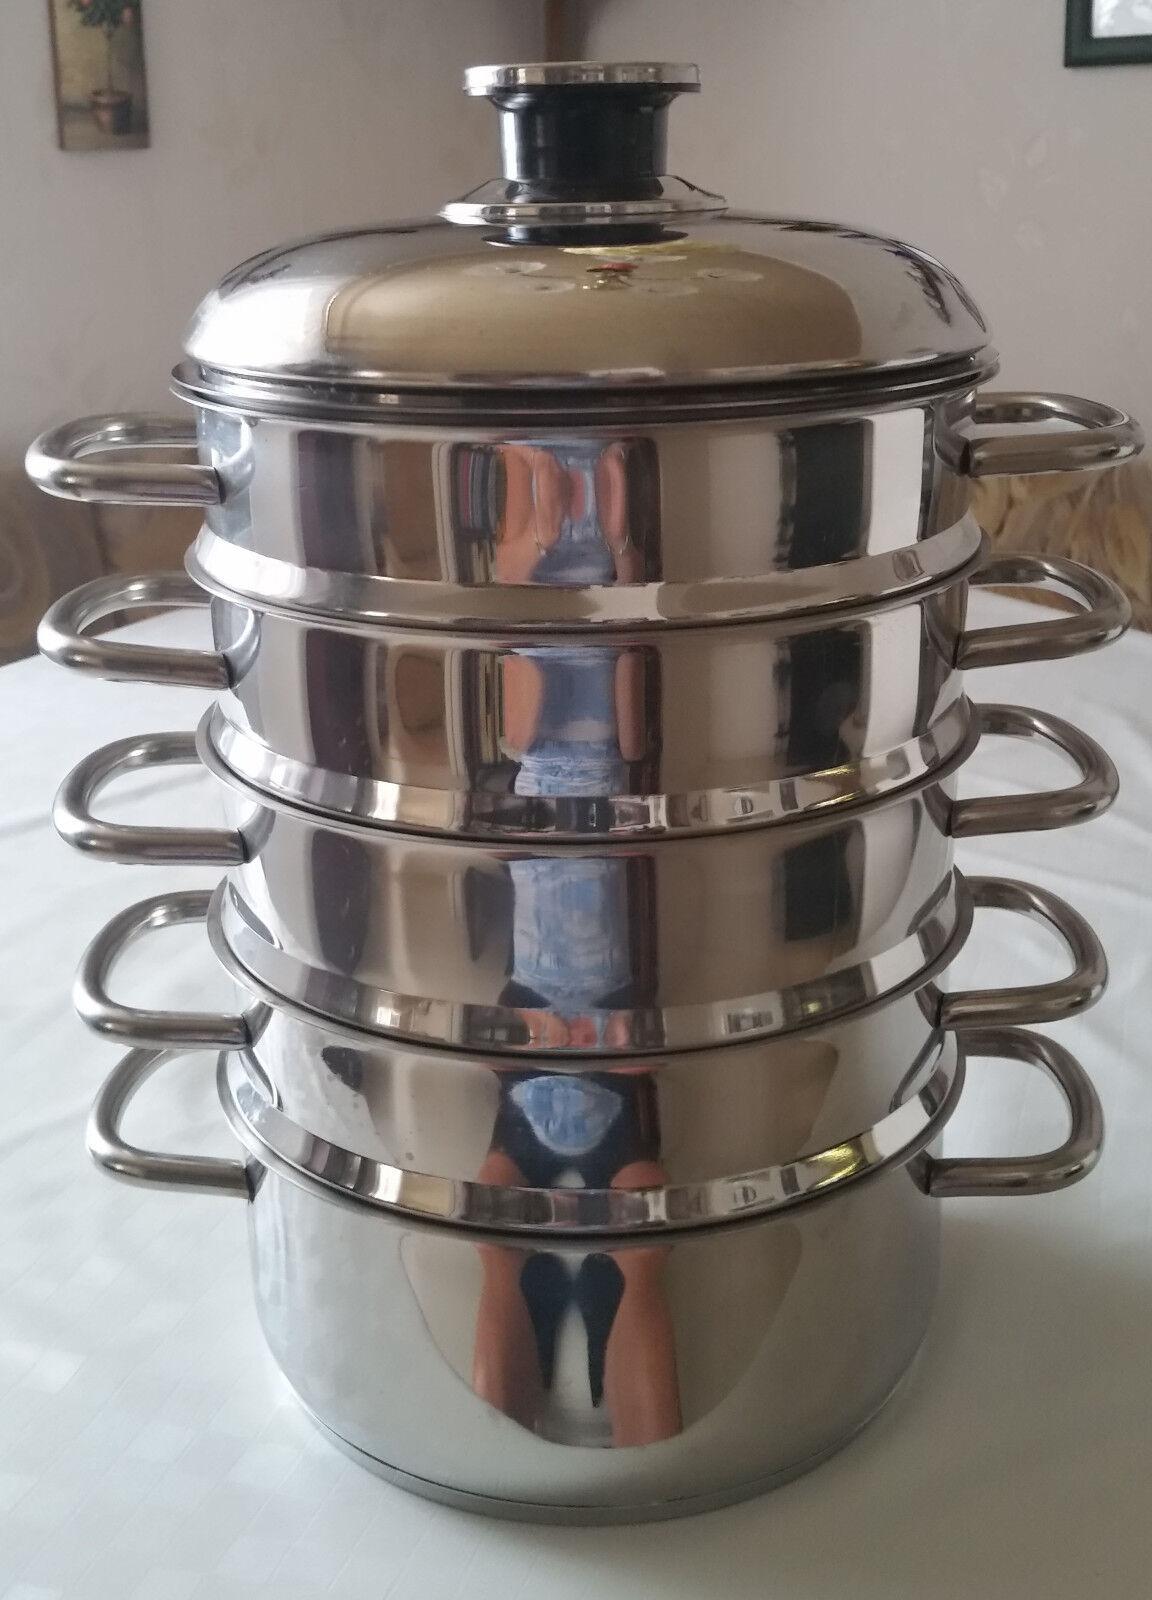 Kochsystem   8-teilig aus 18 10 Edelstahl